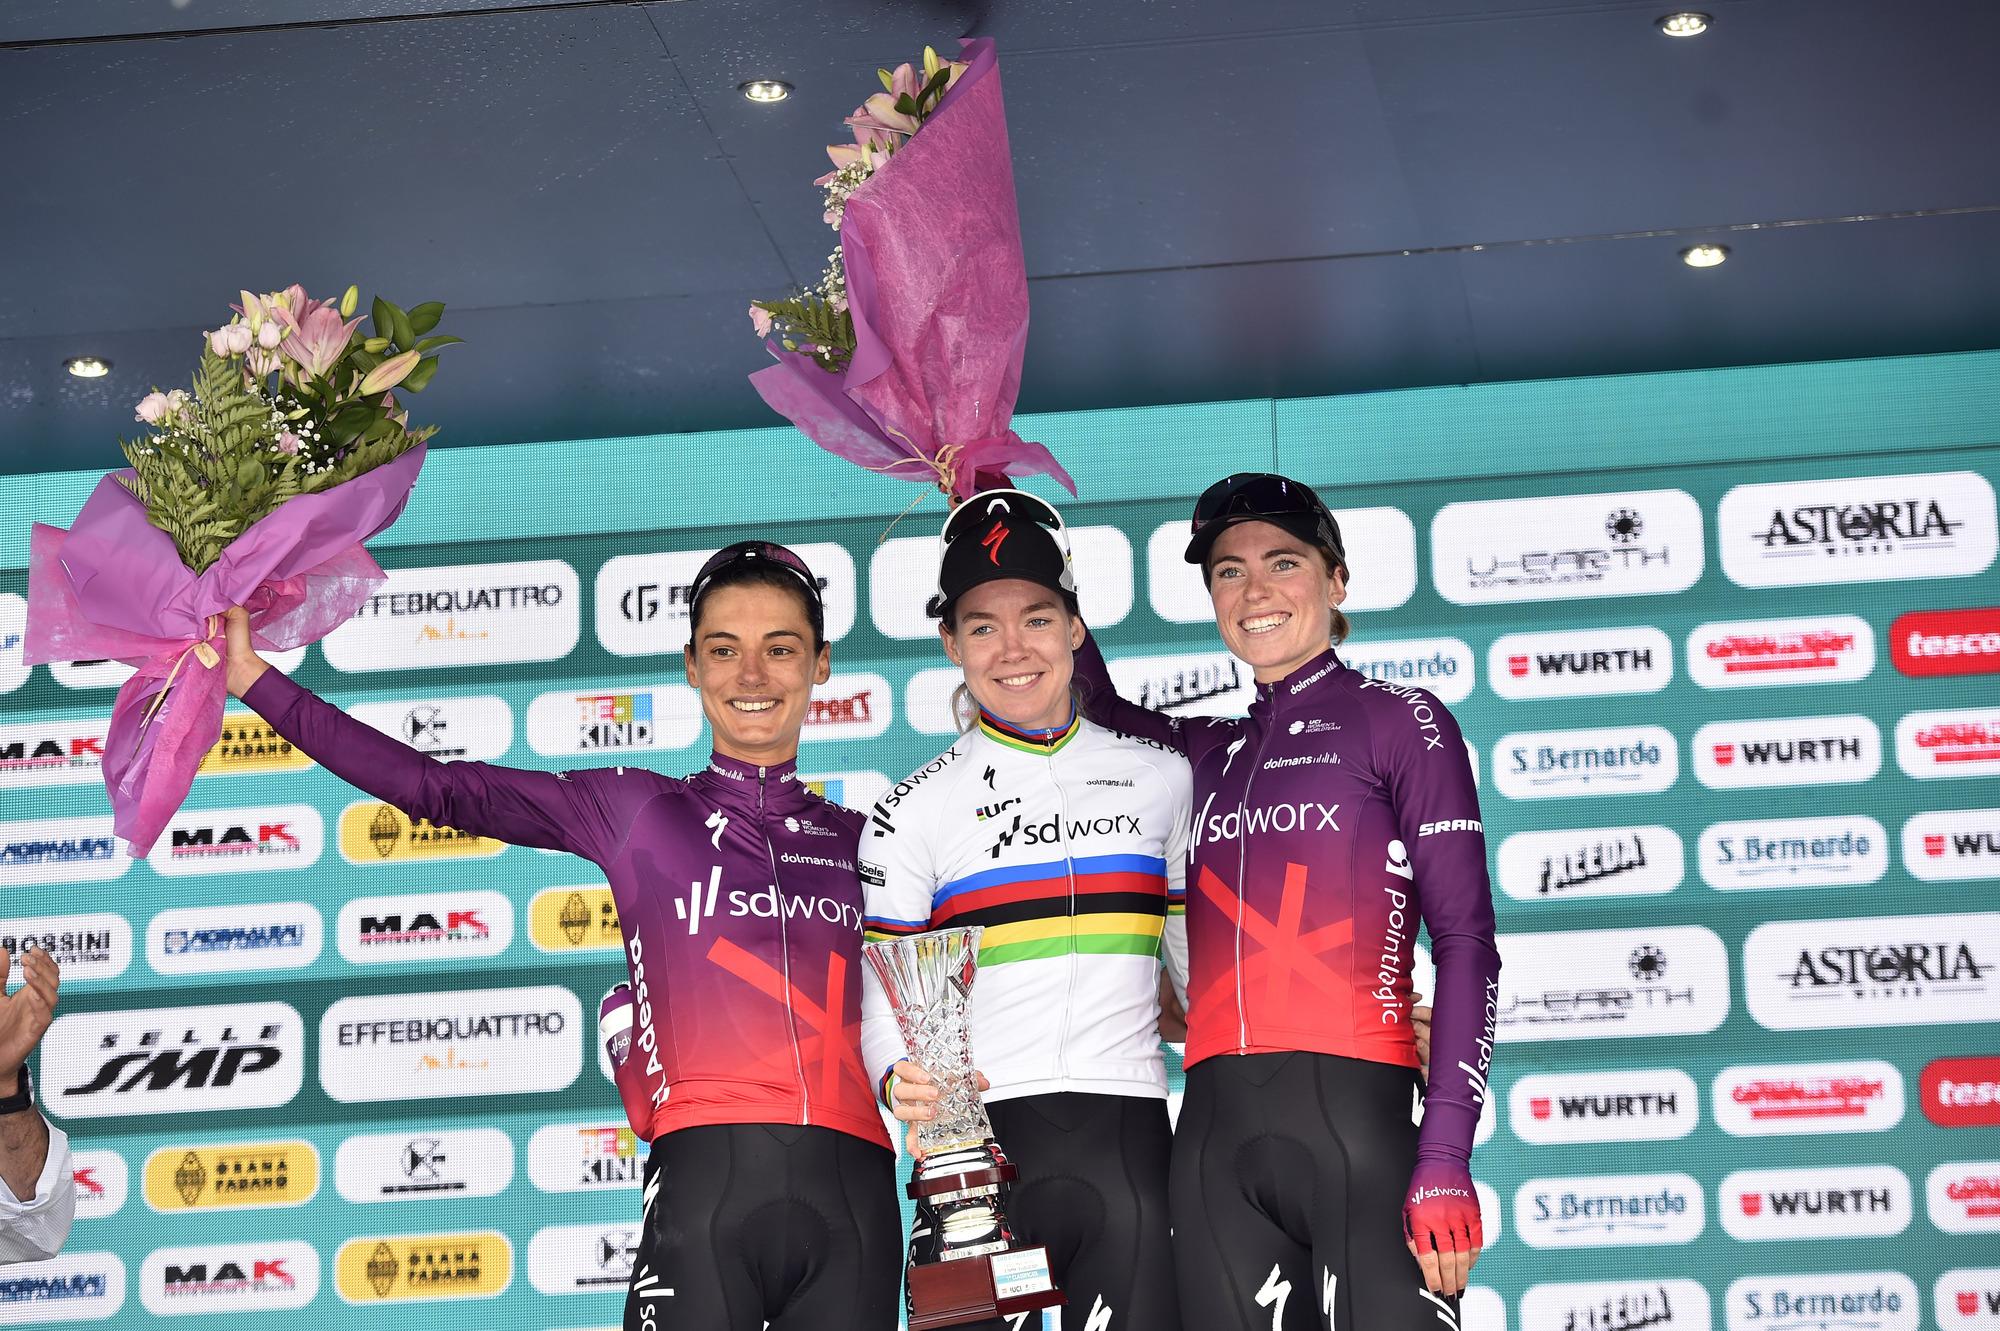 World champion Anna Van Der Breggen dominates in Prato Nevoso: the winner of the 2020 edition wins today's stage, as well as Maglia Rosa, Maglia Verde and Maglia Ciclamino